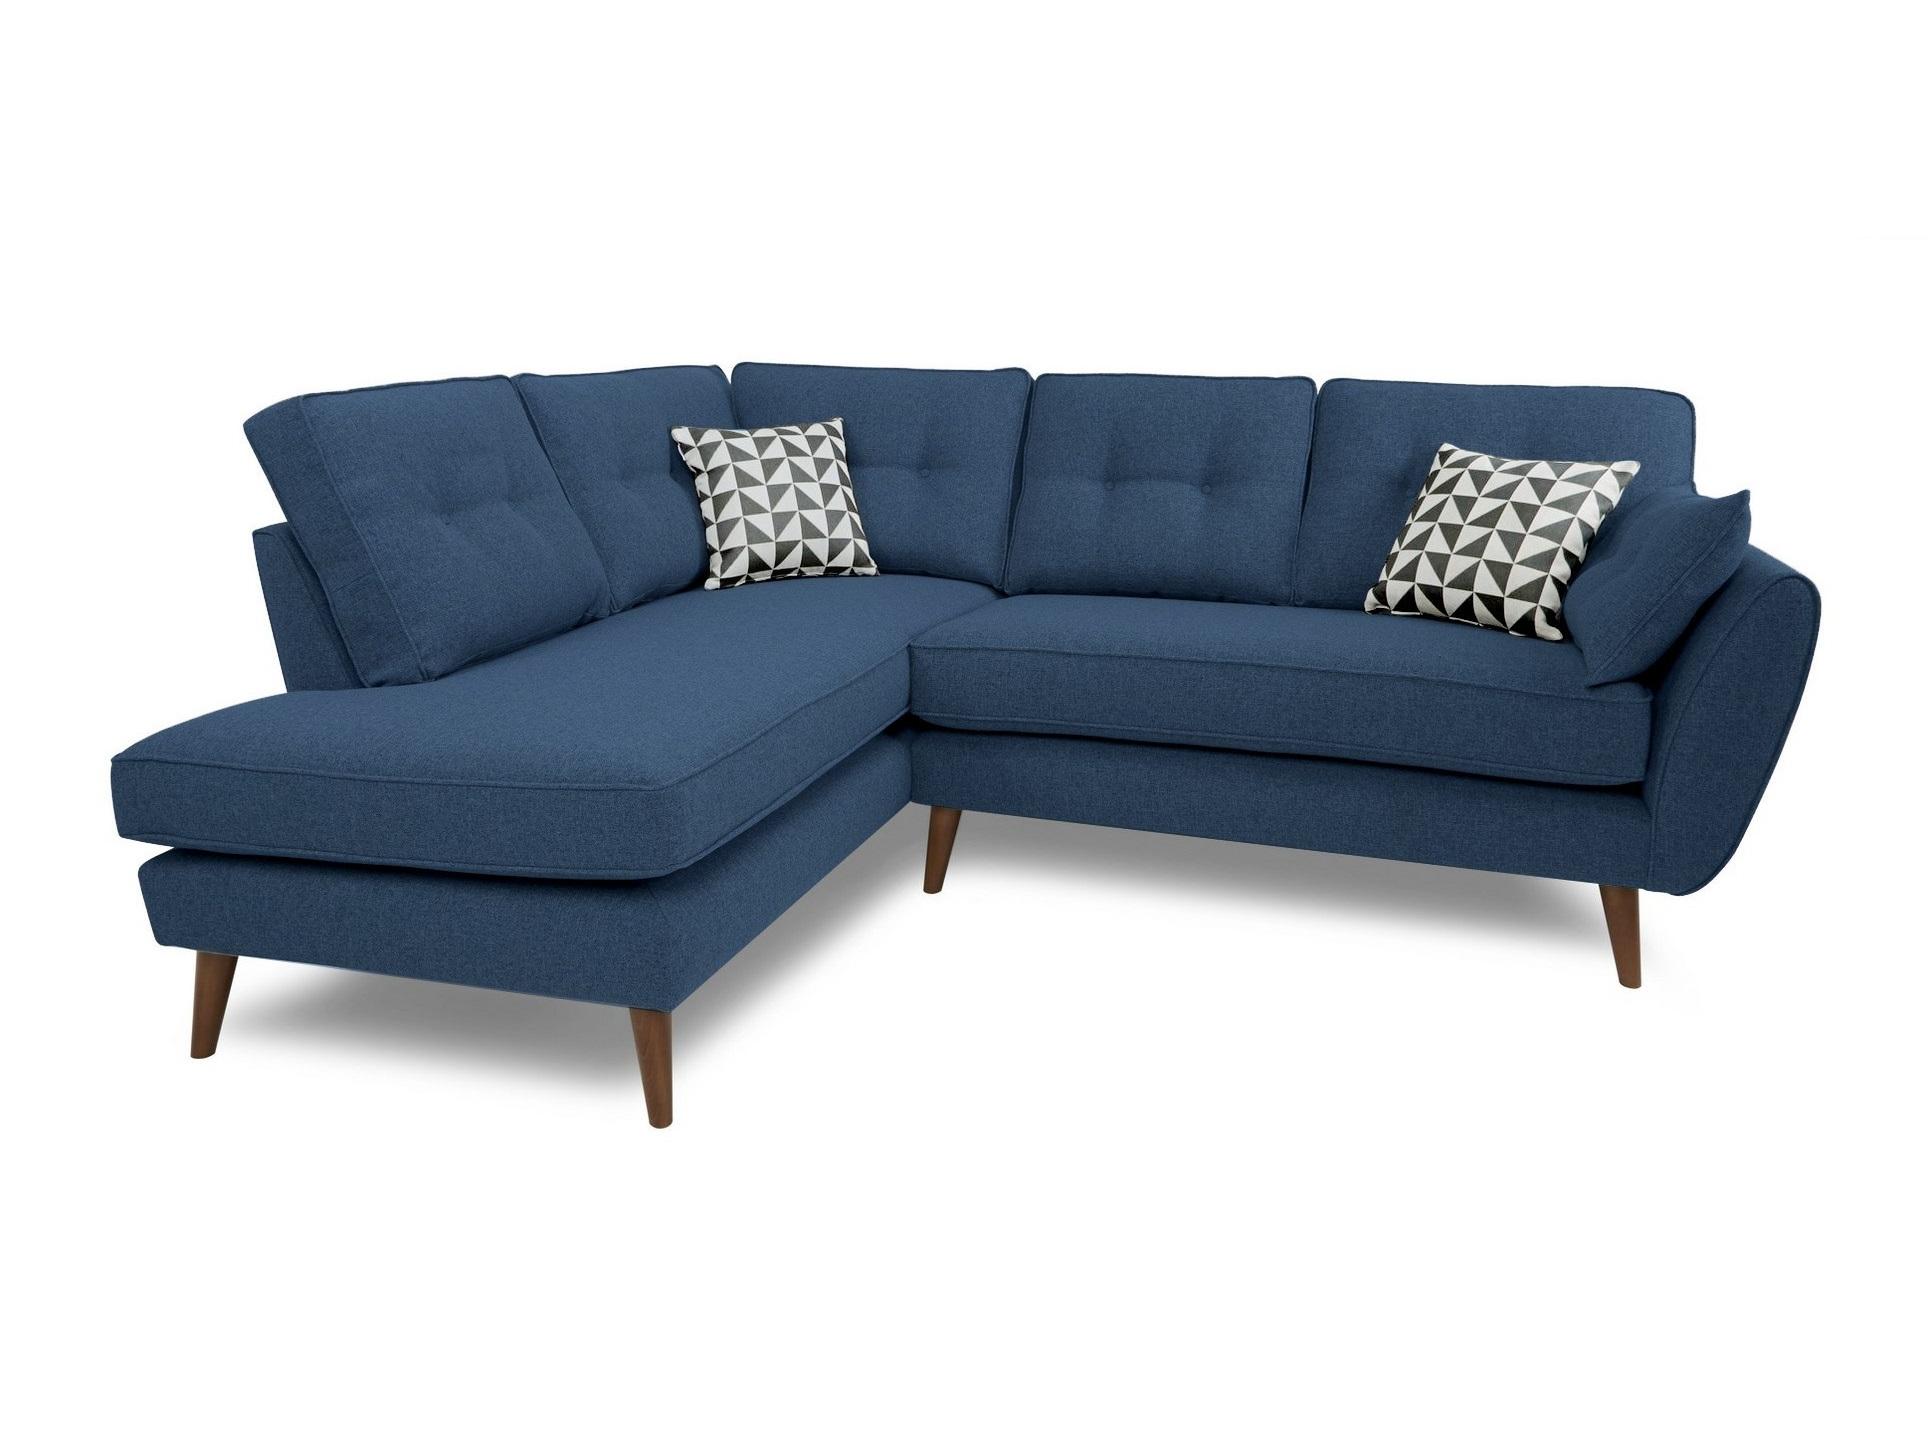 Myfurnish угловой диван vogue синий  71089/8